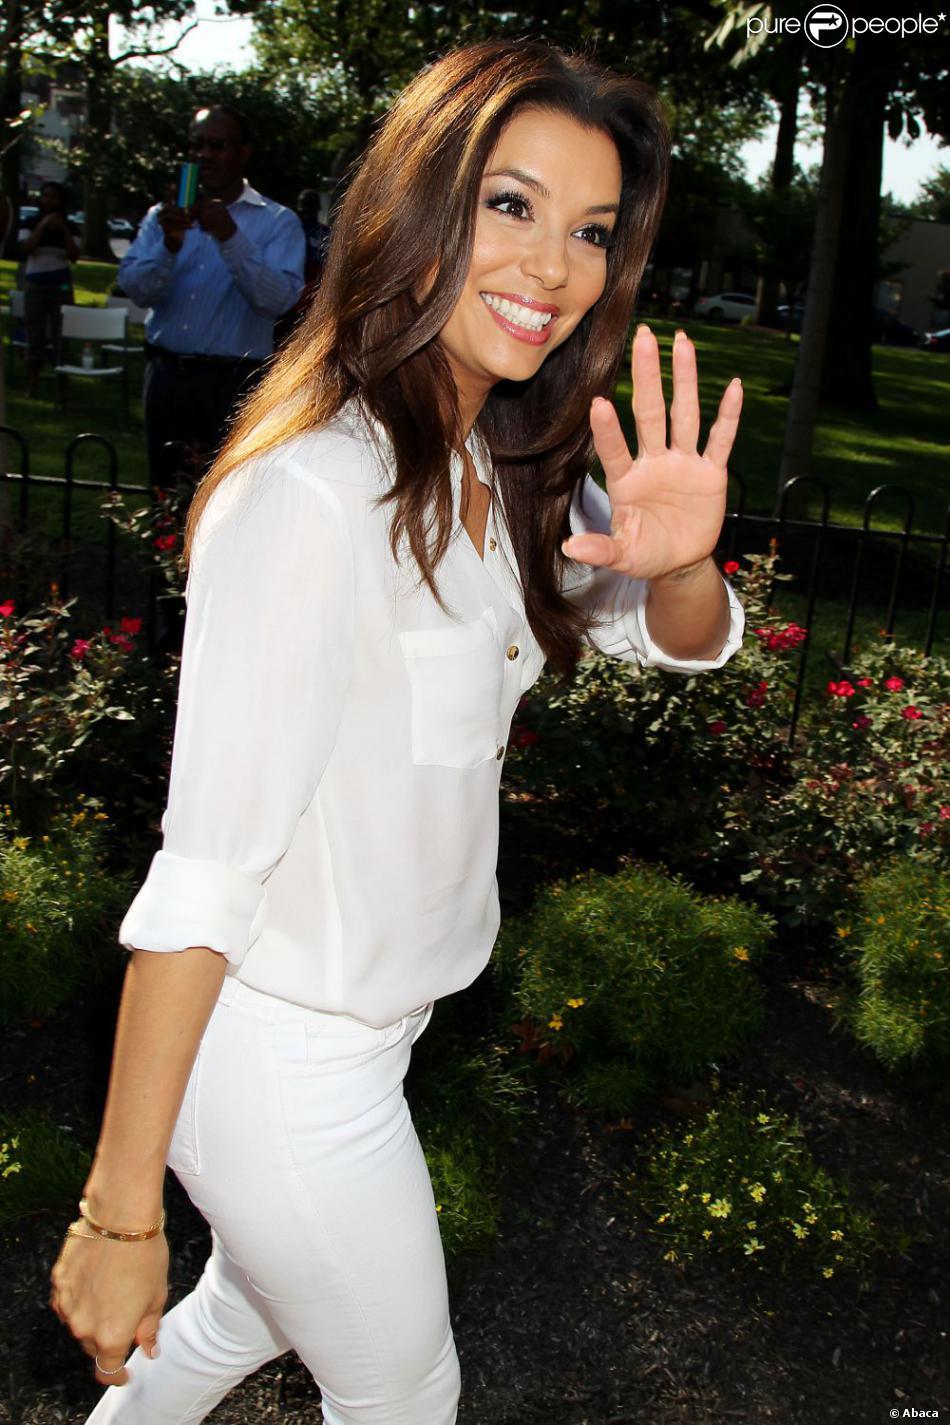 Eva Longoria s'est rendue dans le New Jersey le 12 août 2013, afin de participer à deux meetings du candidat démocrate et maire de Newark Cory Booker, lequel brigue un poste de candidat au Sénat contre ses adversaires qu'il affronte dans une primaire dont le vote a lieu le 13 août 2013.